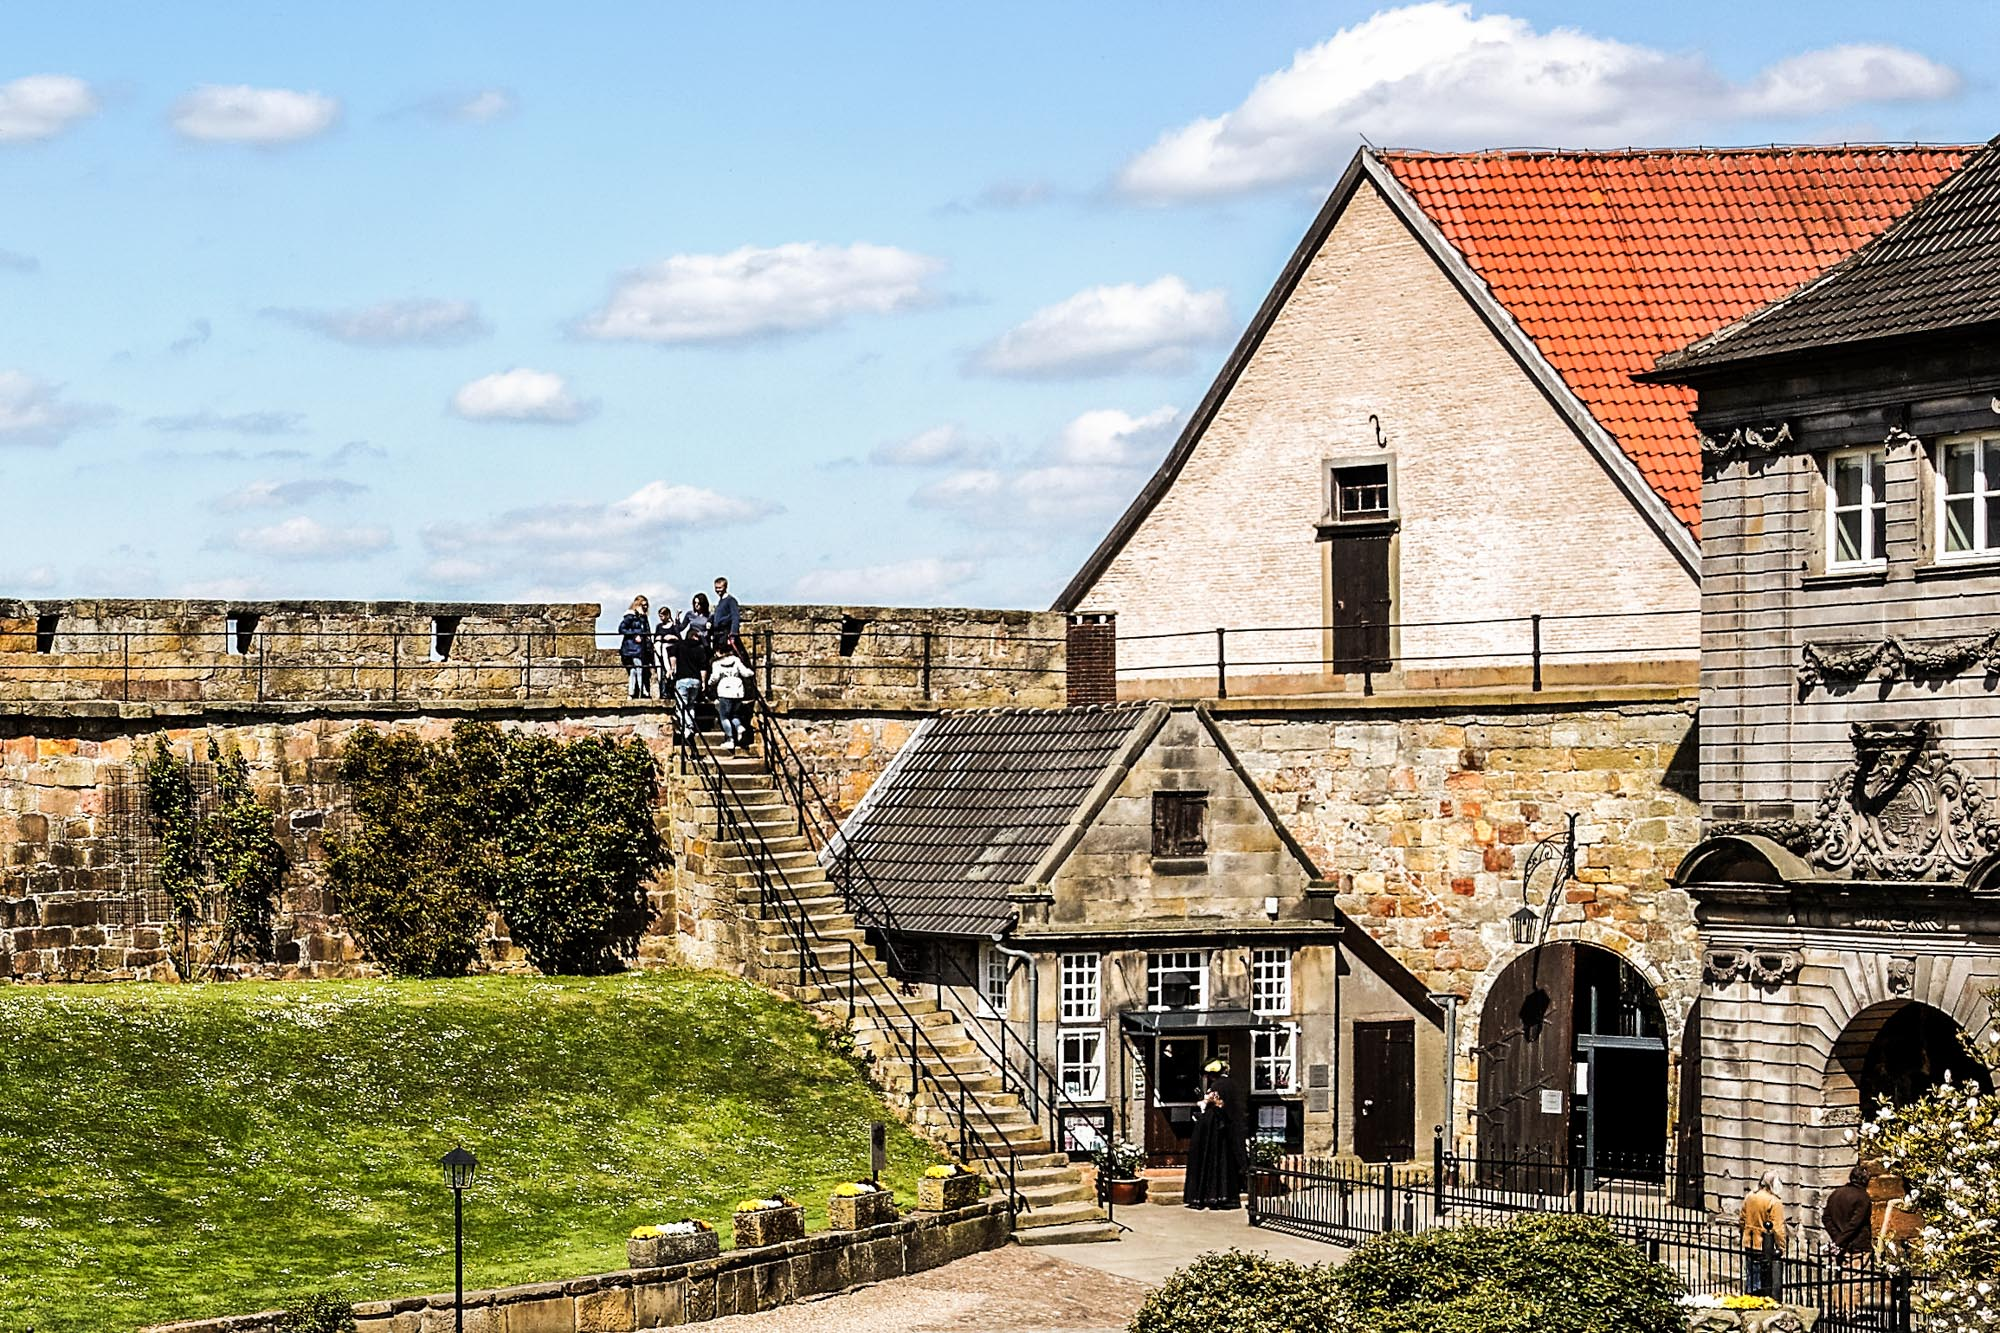 Burgführung auf Burg Bentheim